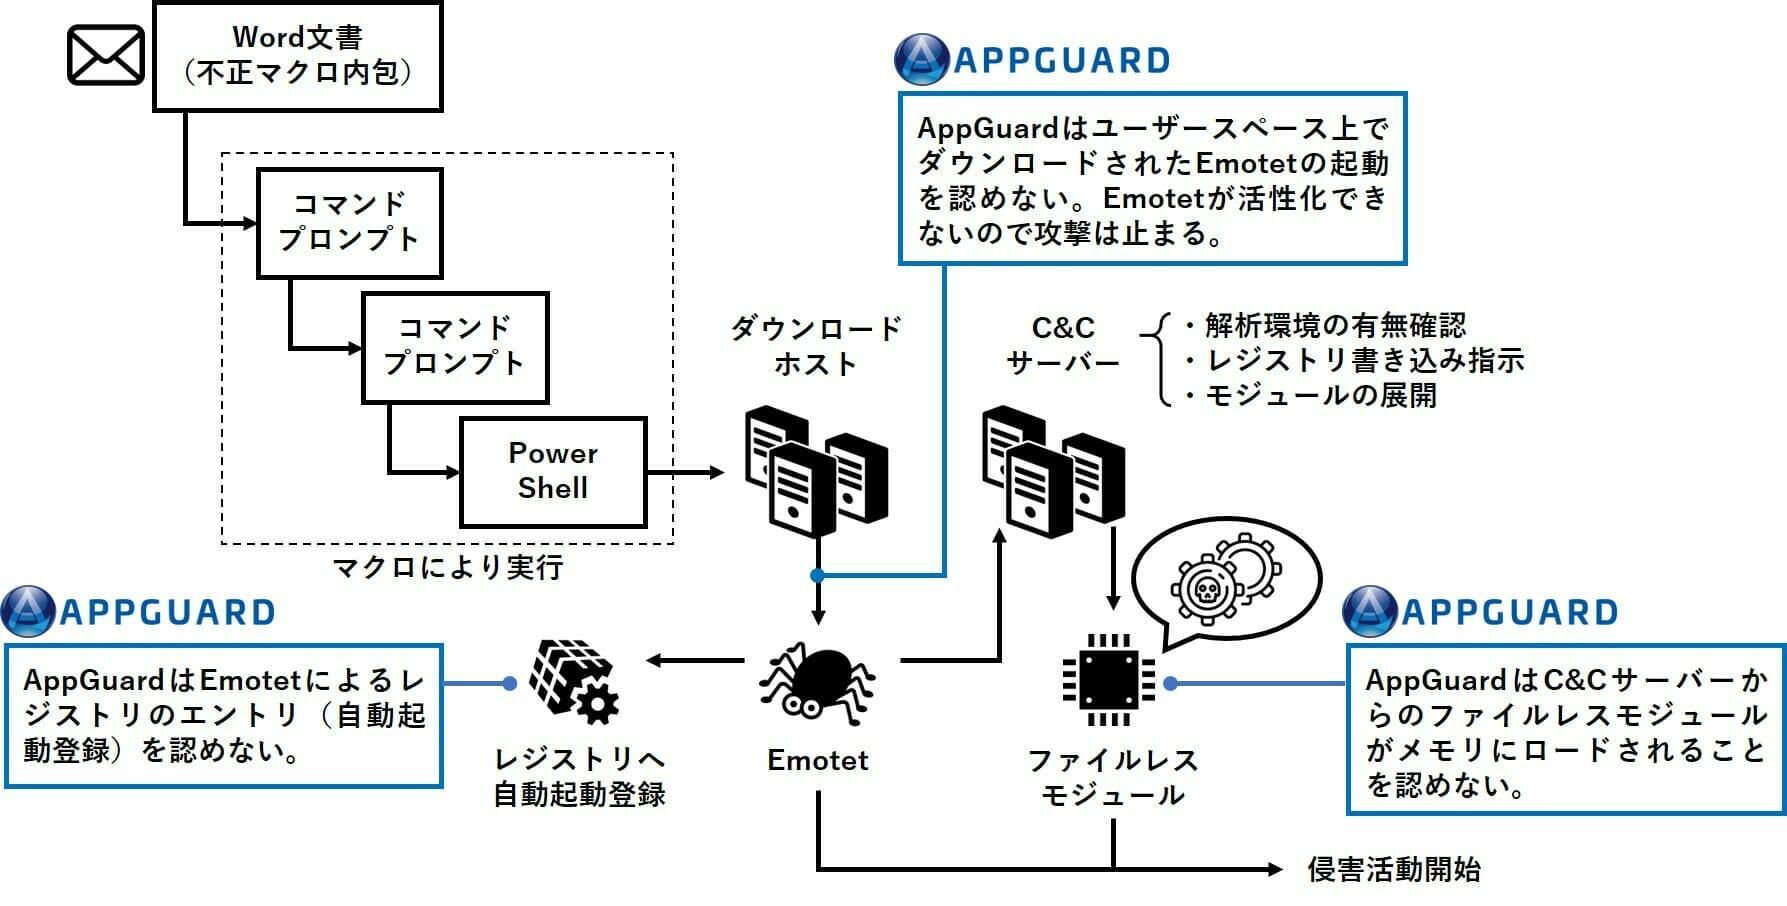 AppGuardの仕組み